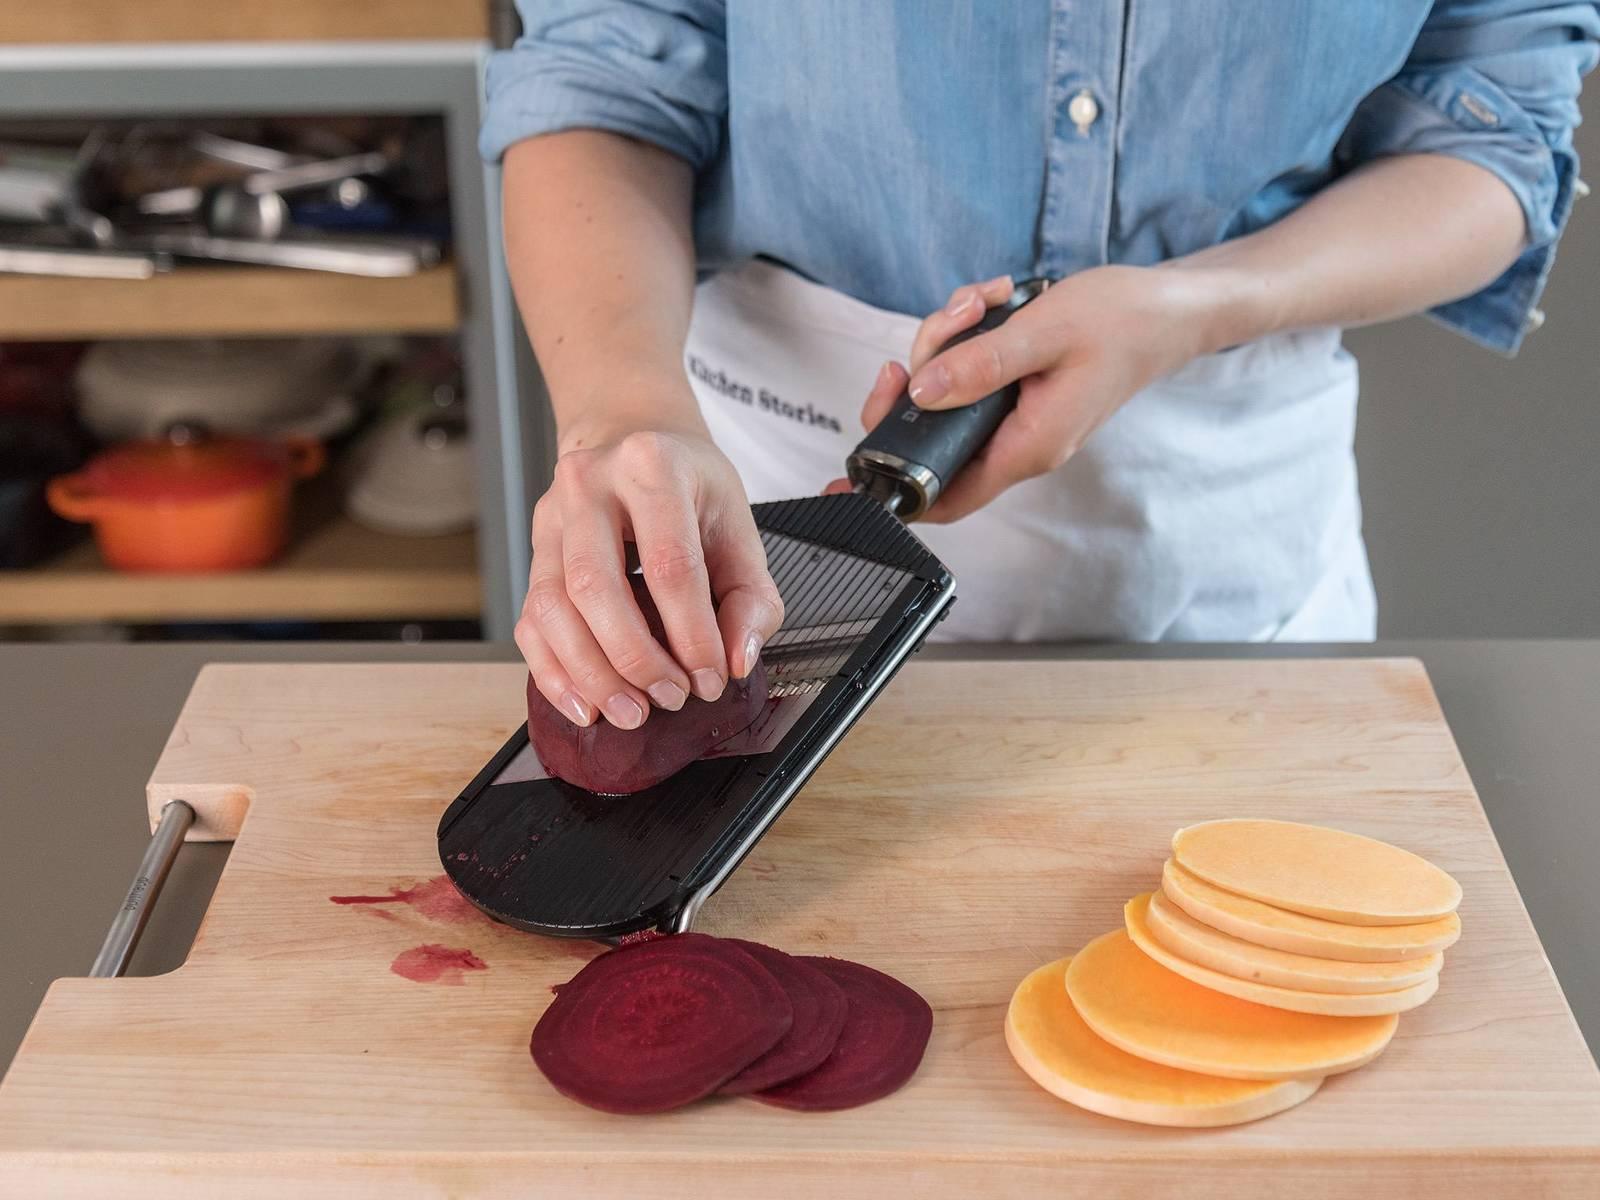 Backofen auf 180°C vorheizen. Butternusskürbis und rote Bete mit einem Küchenhobel in feine Scheiben hobeln und diese auf einem Backblech verteilen. Walnüsse grob hacken.